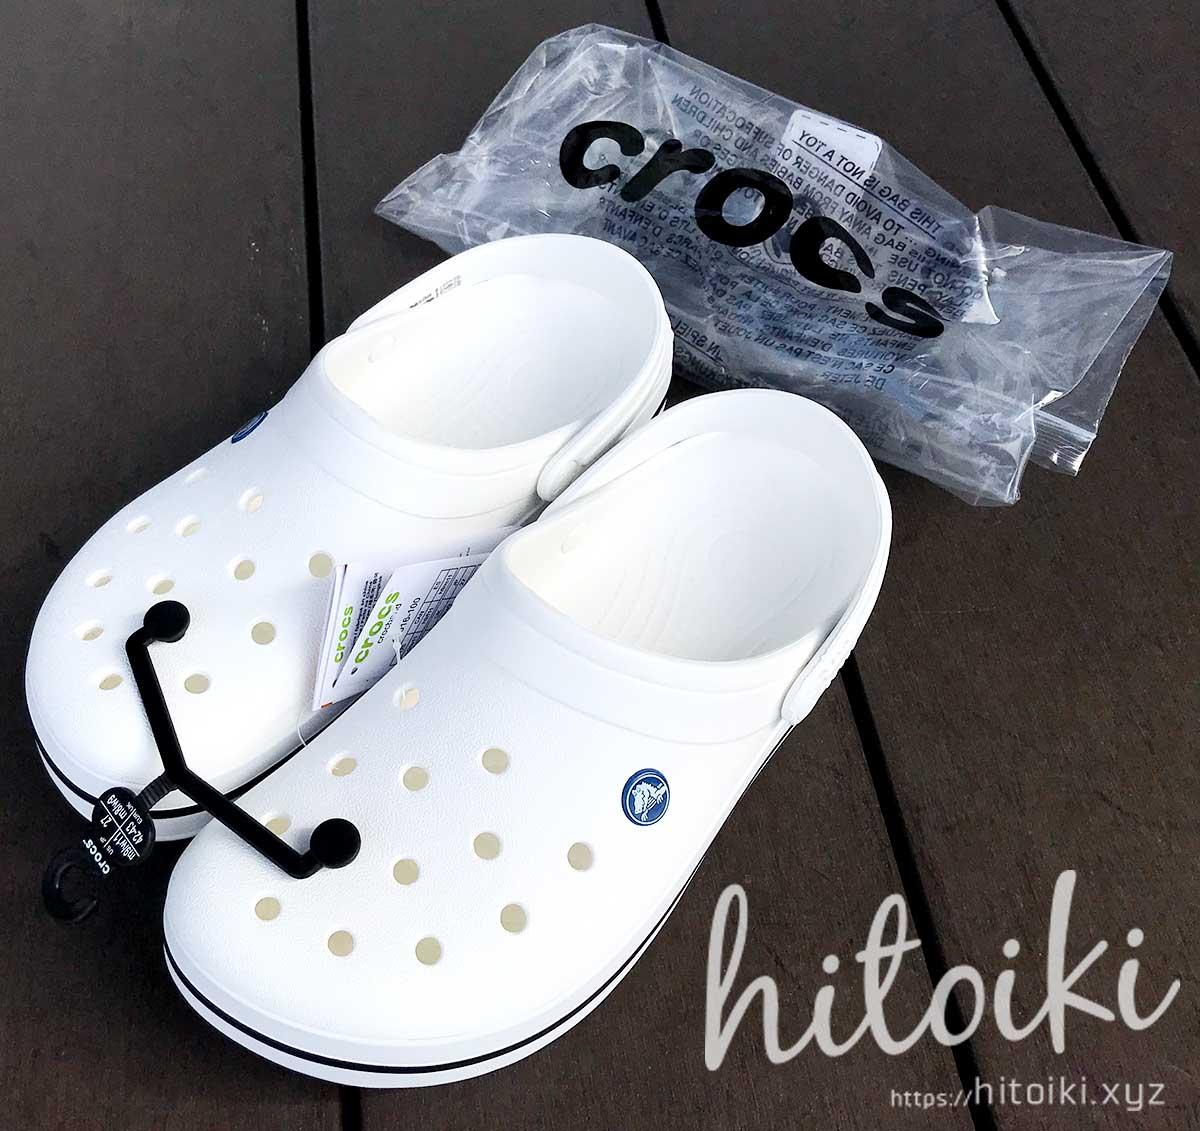 クロックス 白 人気カラー 限定カラー crocs_img_1563